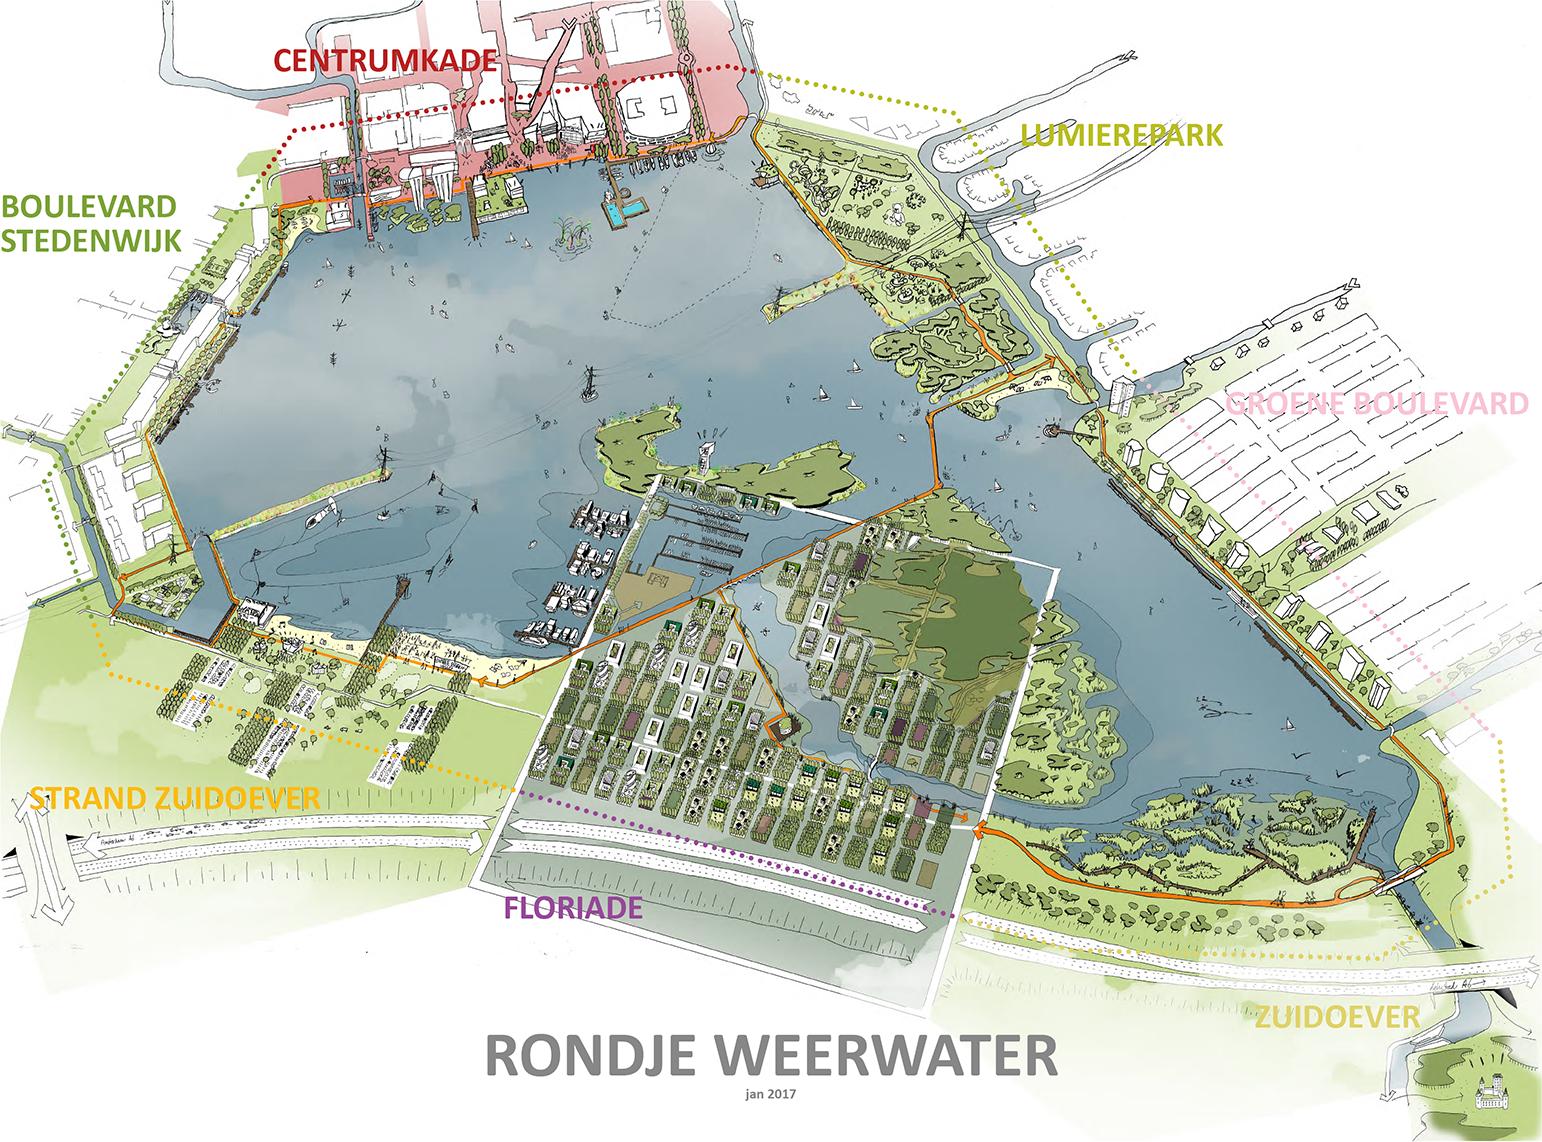 3D impressie rondje Weerwater